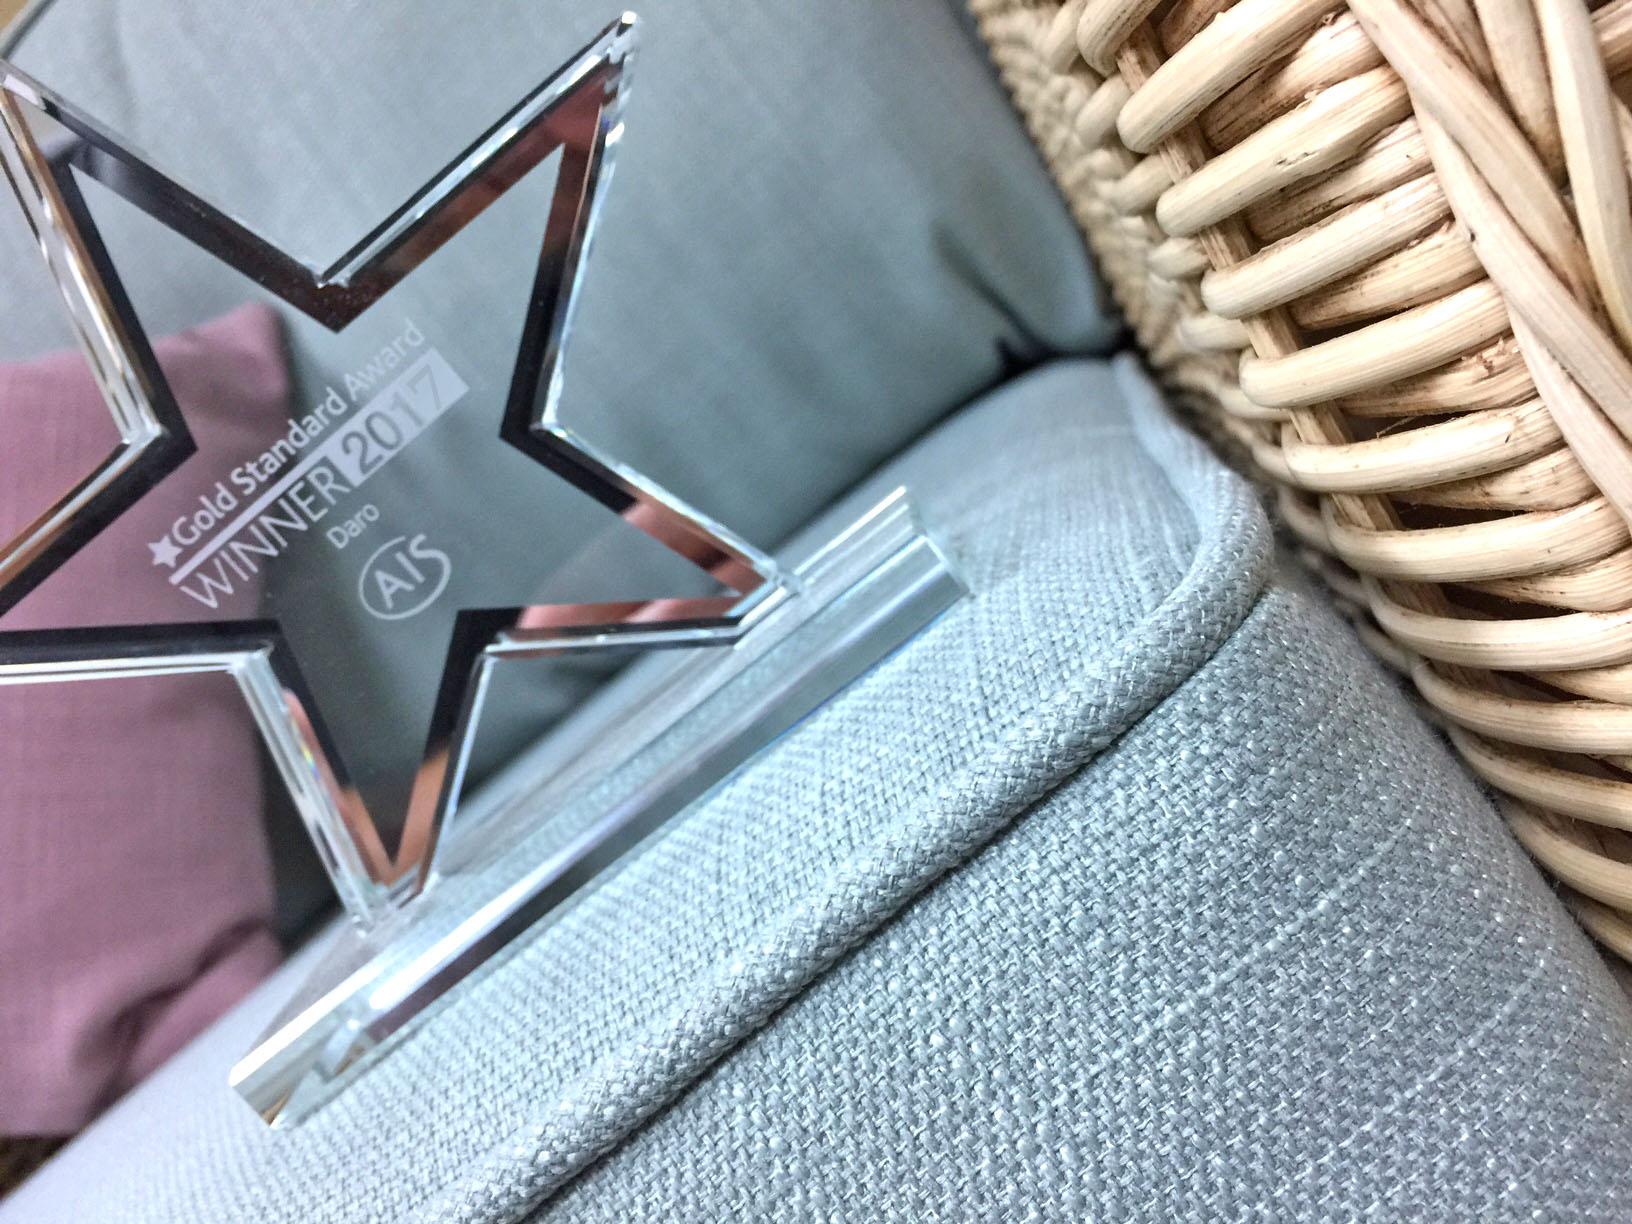 Ais gold standard award